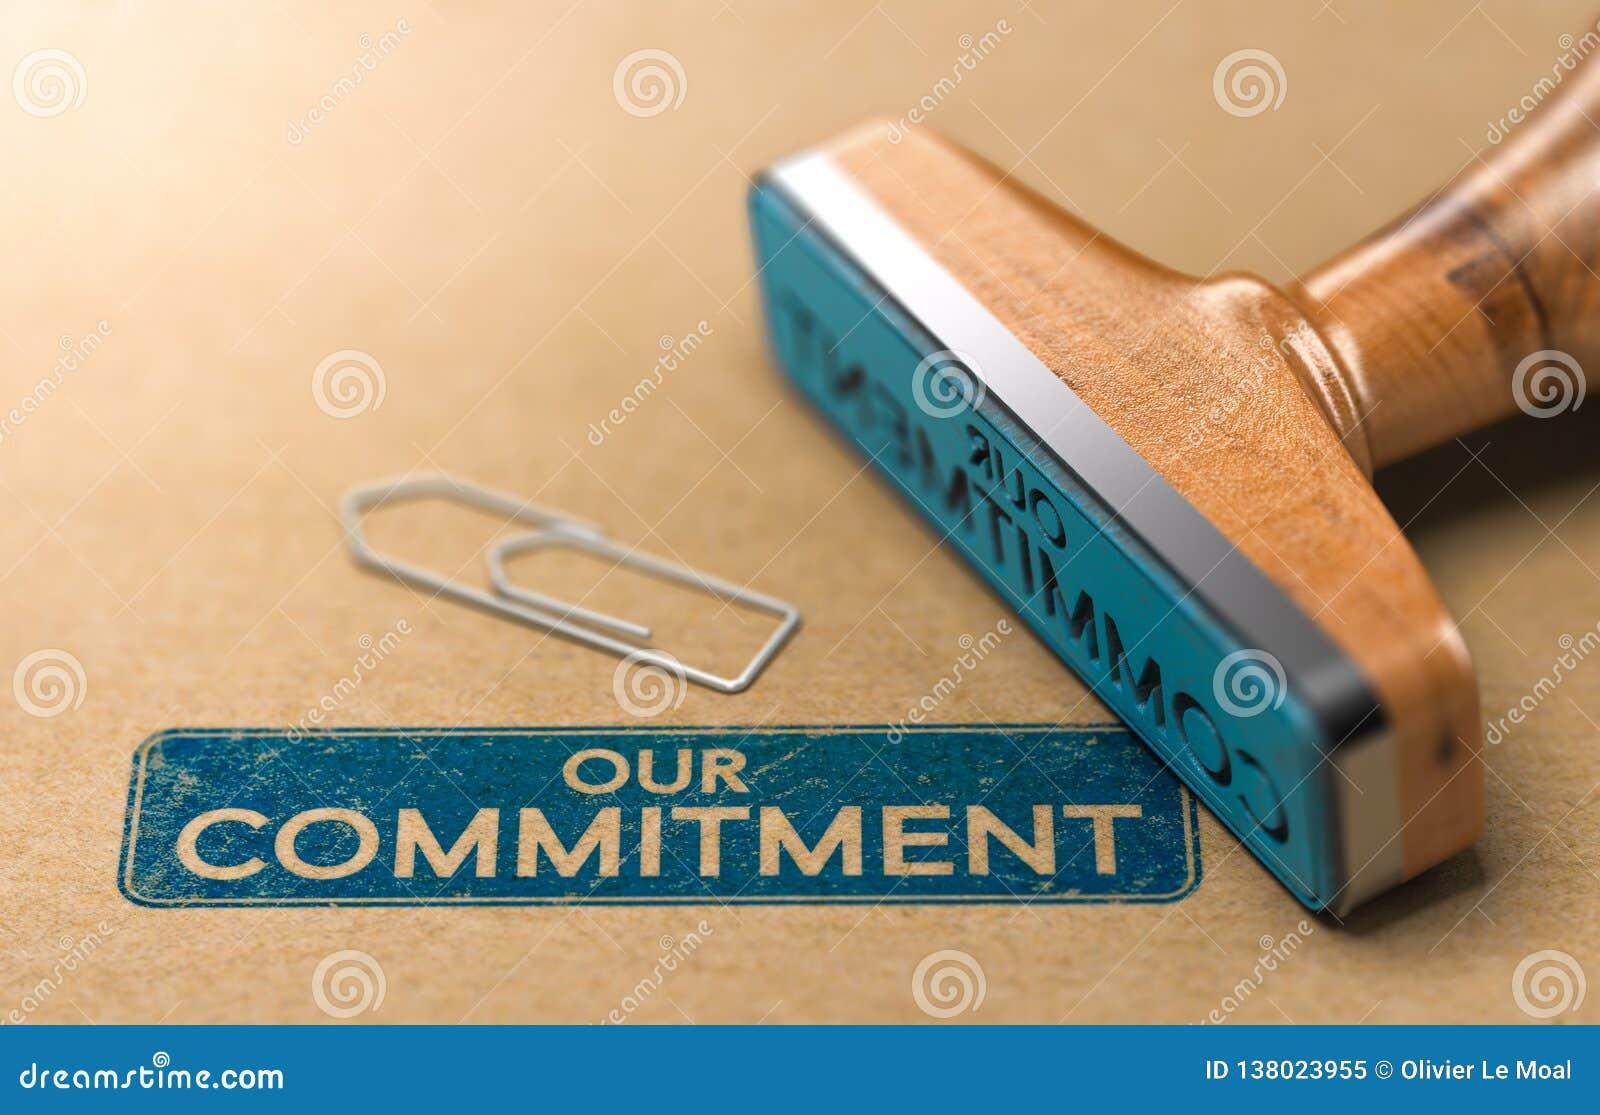 Il nostro impegno, concetto del timbro di gomma